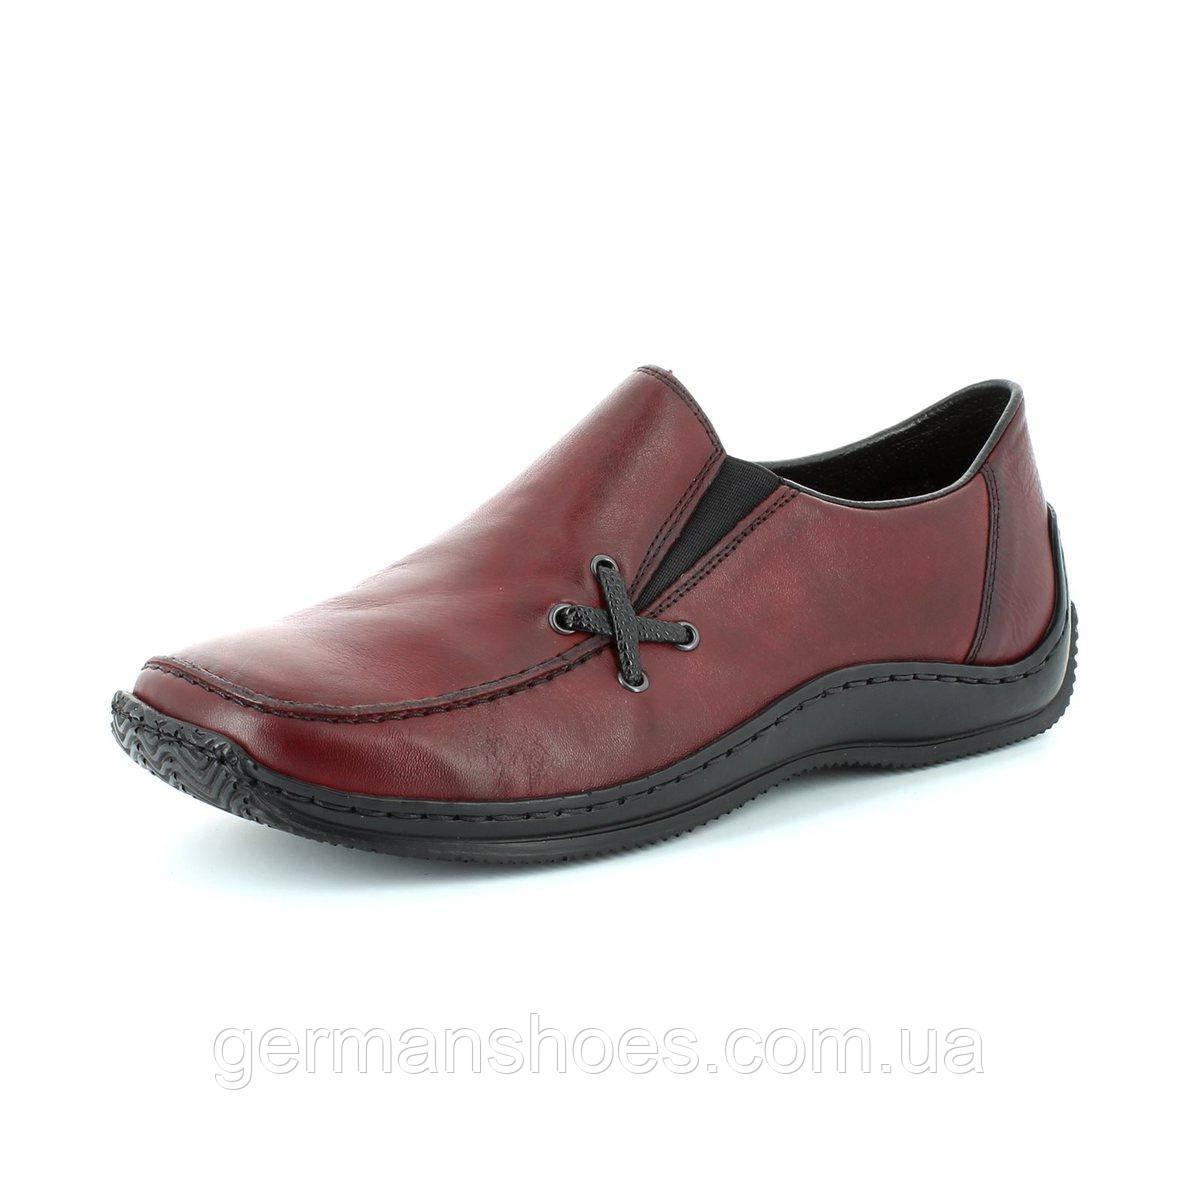 78e18e4e8 Туфли женские Rieker L1783-36 - Интернет-магазин обуви